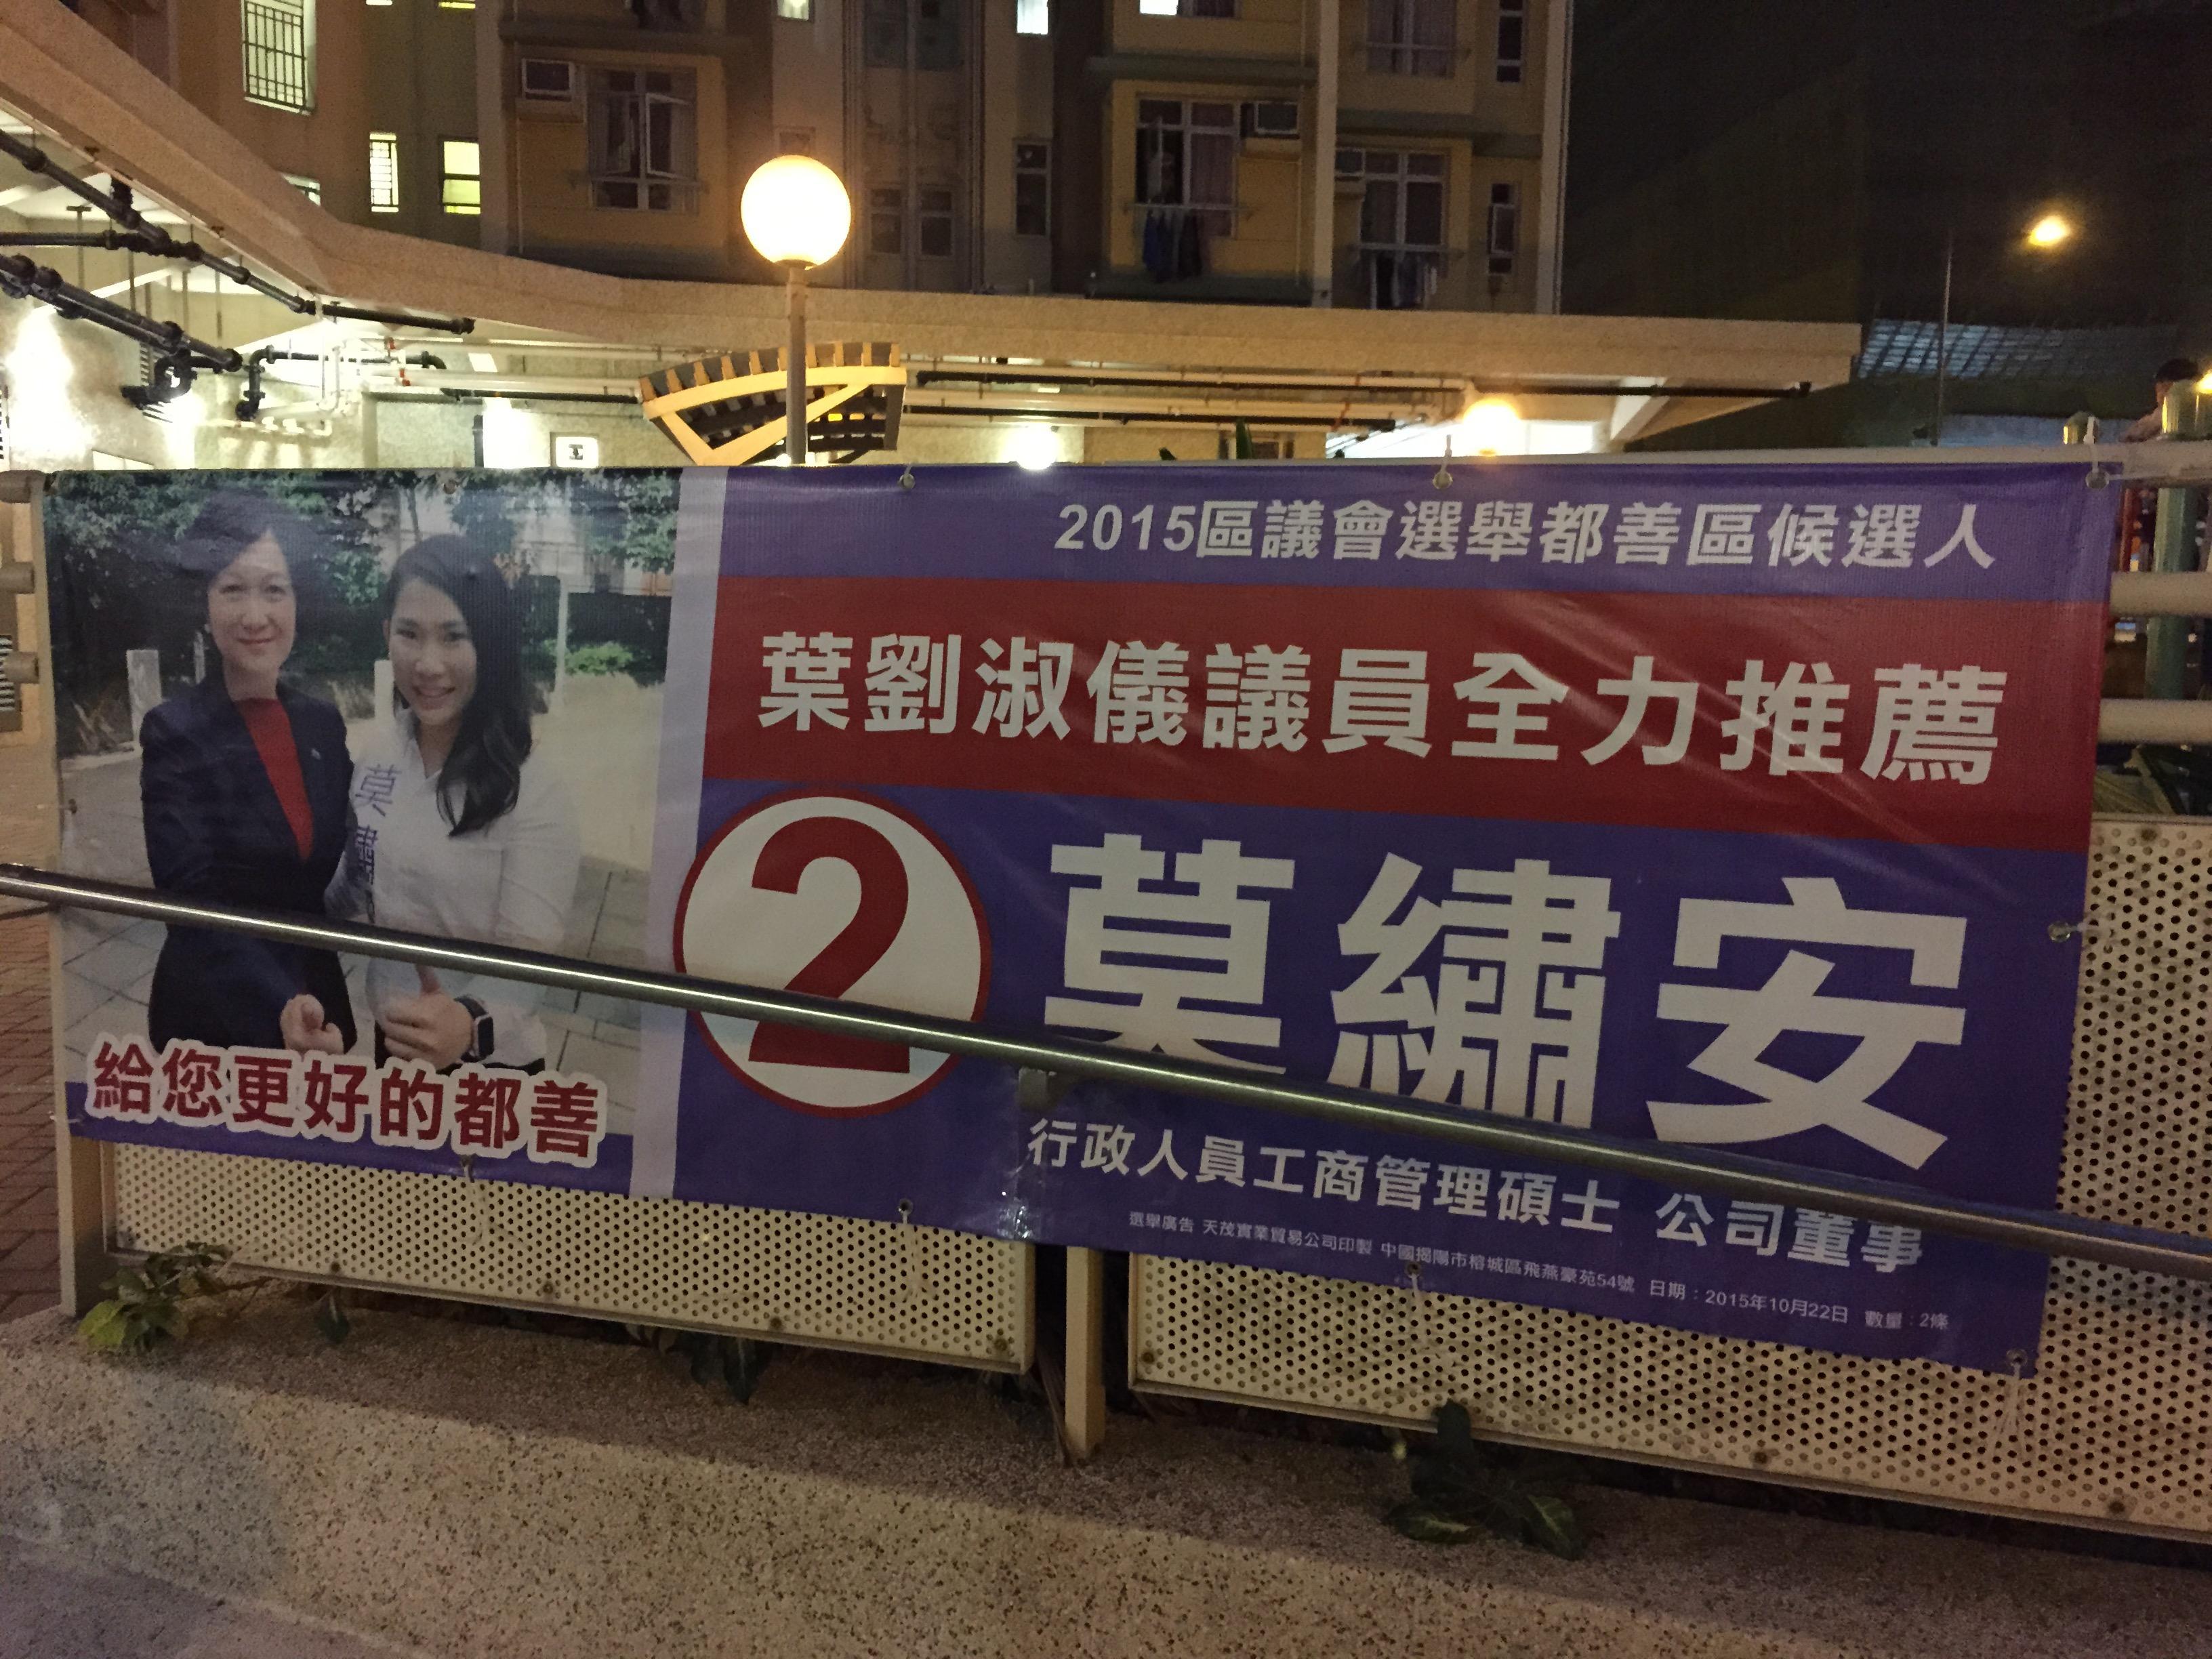 莫繡安報稱獨立,其宣傳橫額顯示她獲得立法會議員葉劉淑儀「全力推薦」。(劉嘉裕攝)